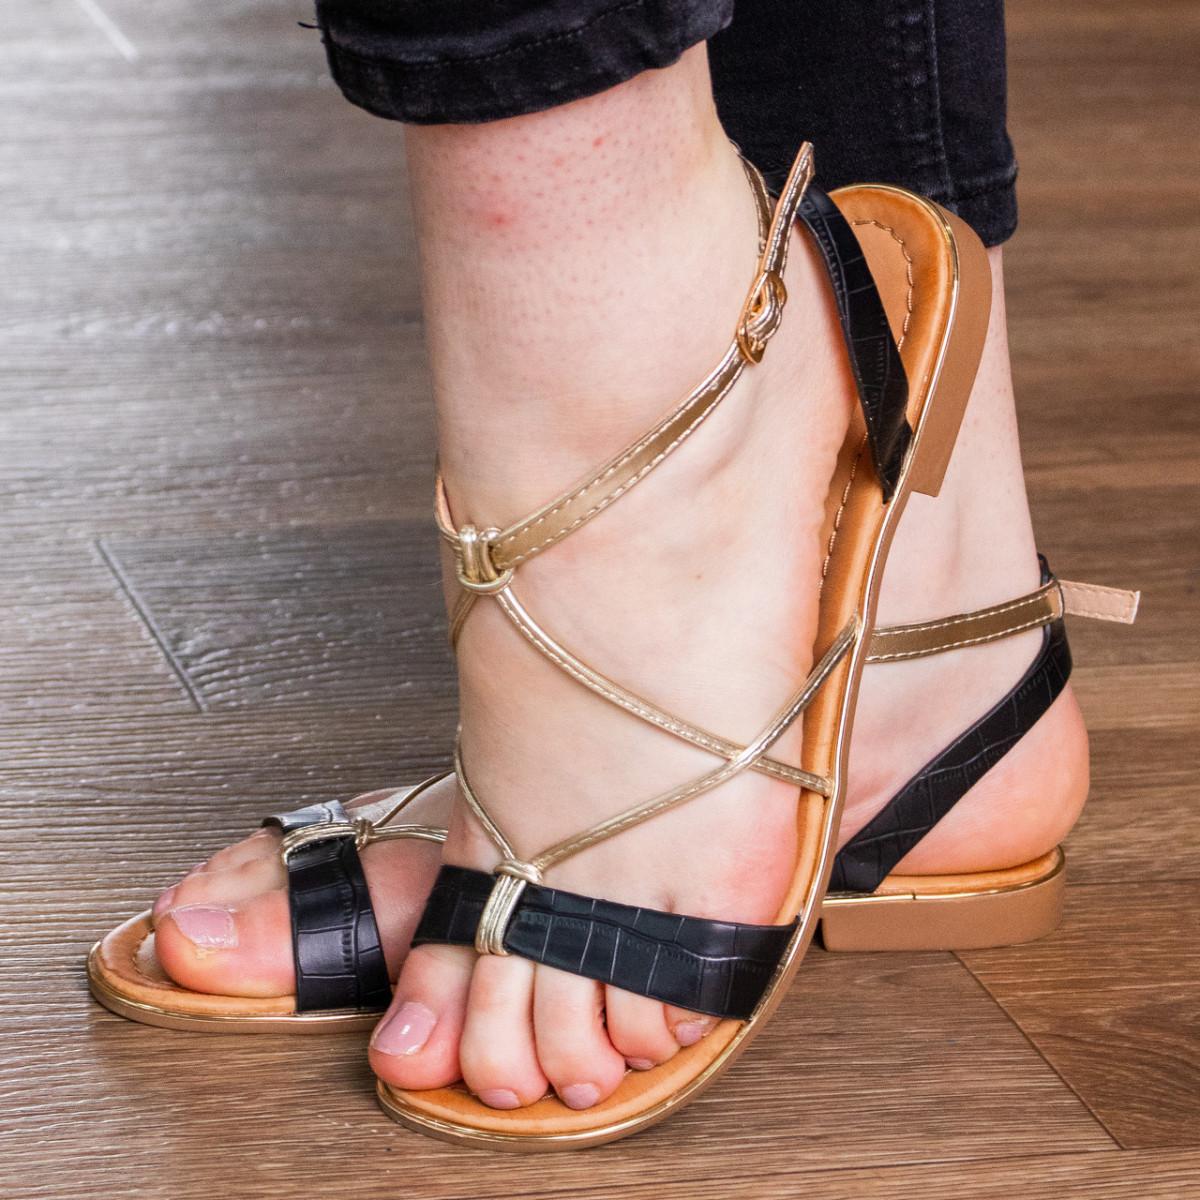 Женские босоножки Fashion Arrura 1640 38 размер 24,5 см Черный